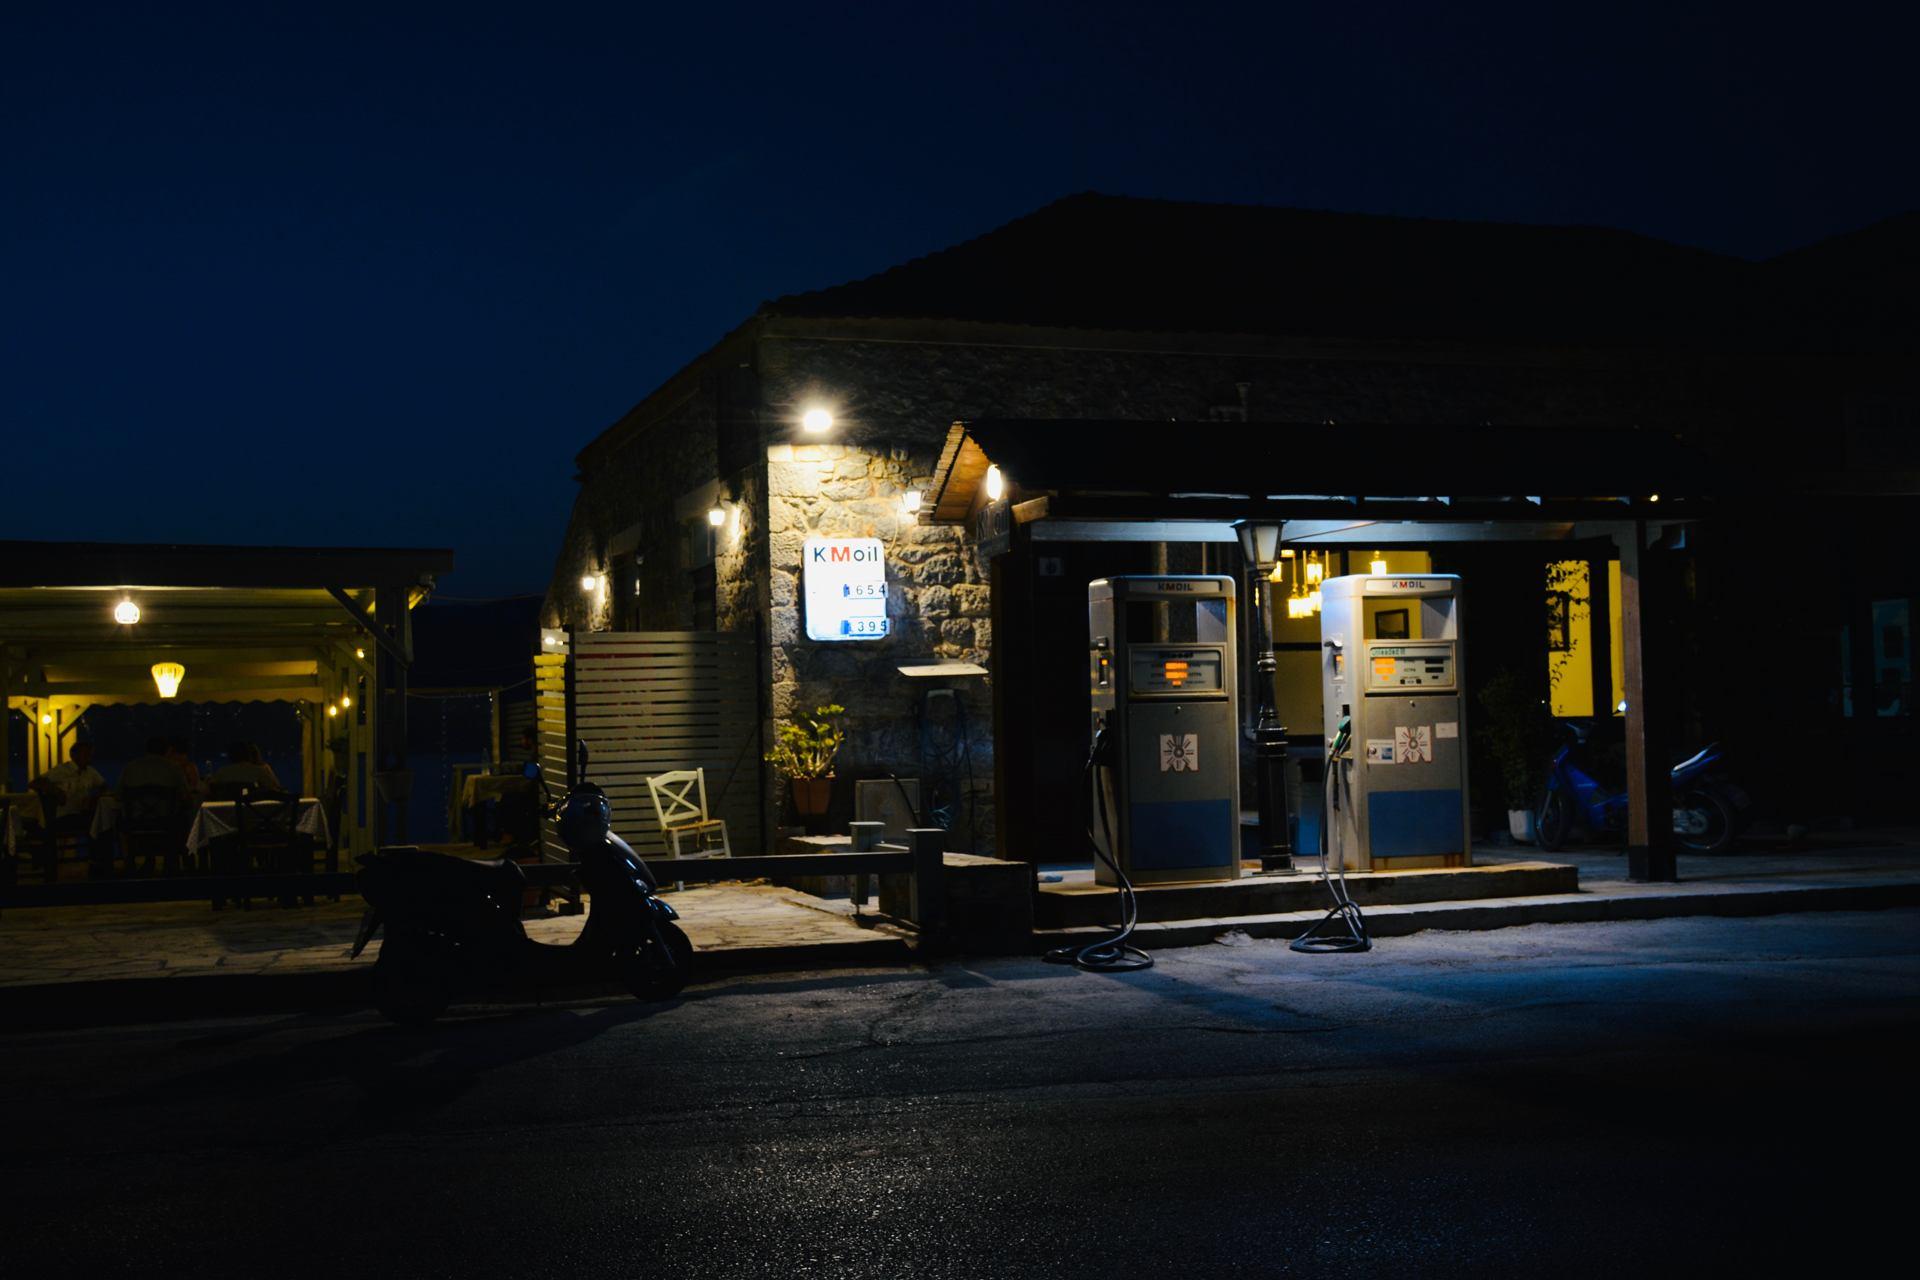 Station de nuit -02